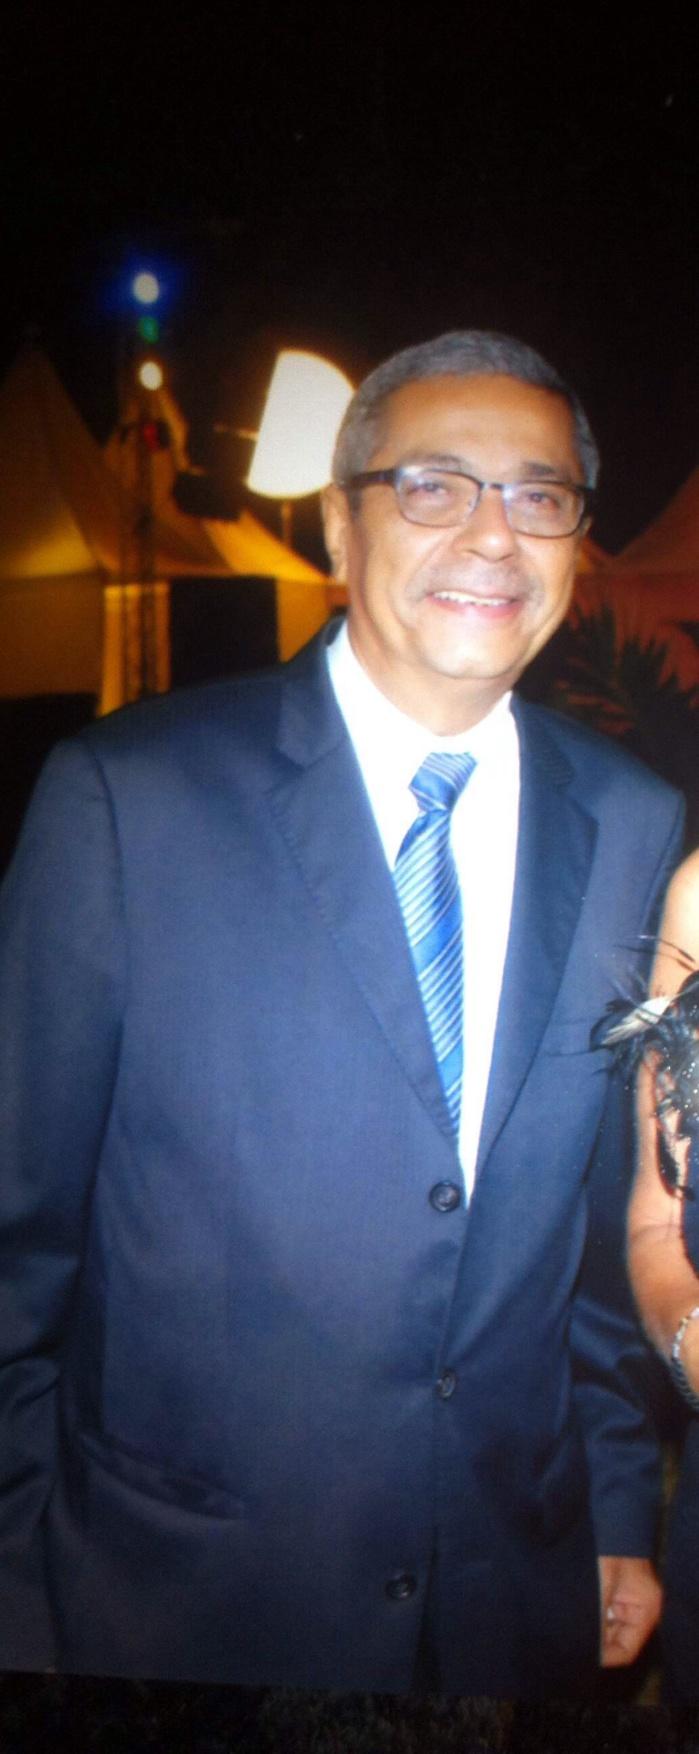 HOMMAGE A MAITRE MOUHAMED SALIM KANJO : L'homme qui a fait basculer la trajectoire professionnelle de Me Ousmane Ngom